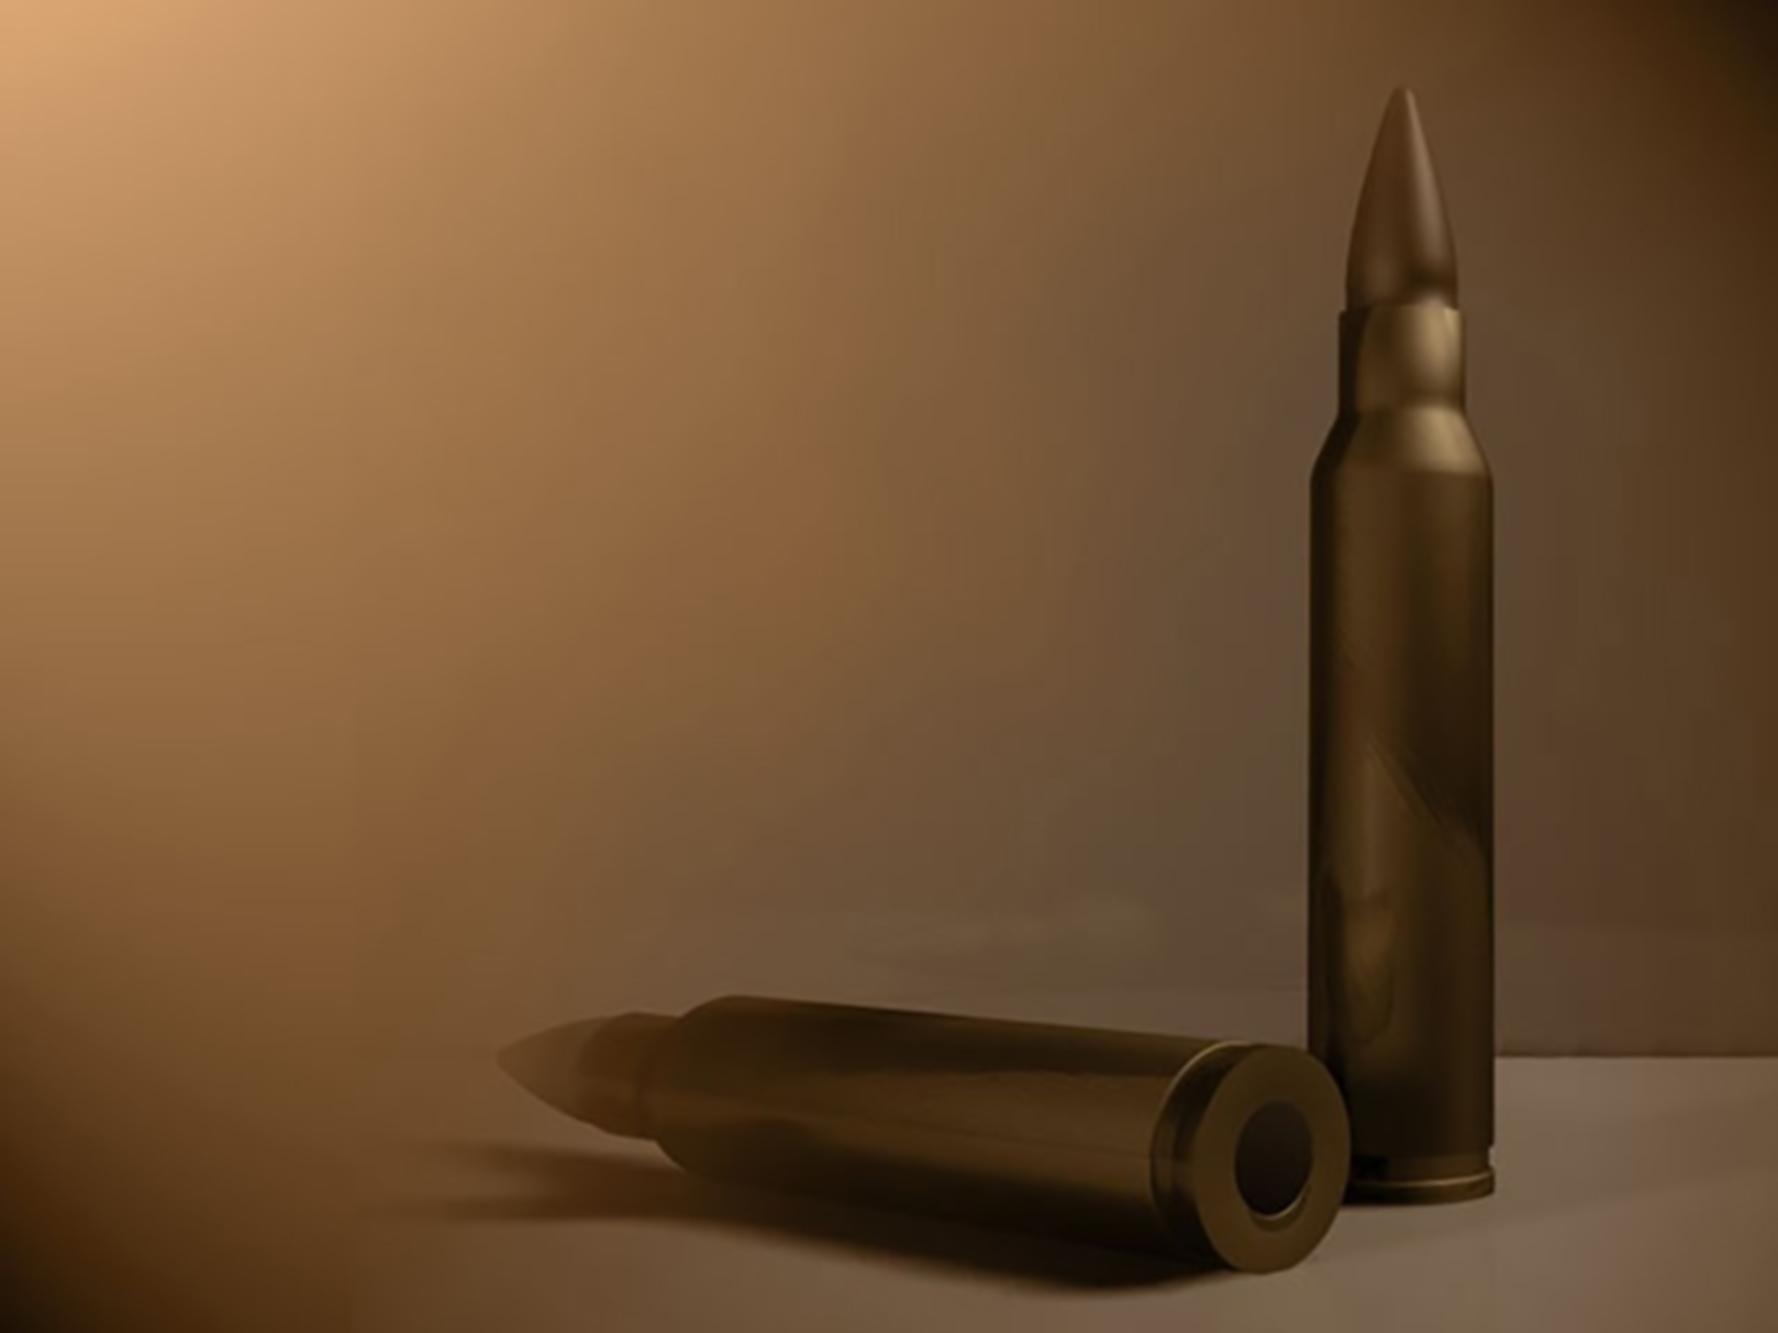 bullets_1551289207048.jpg